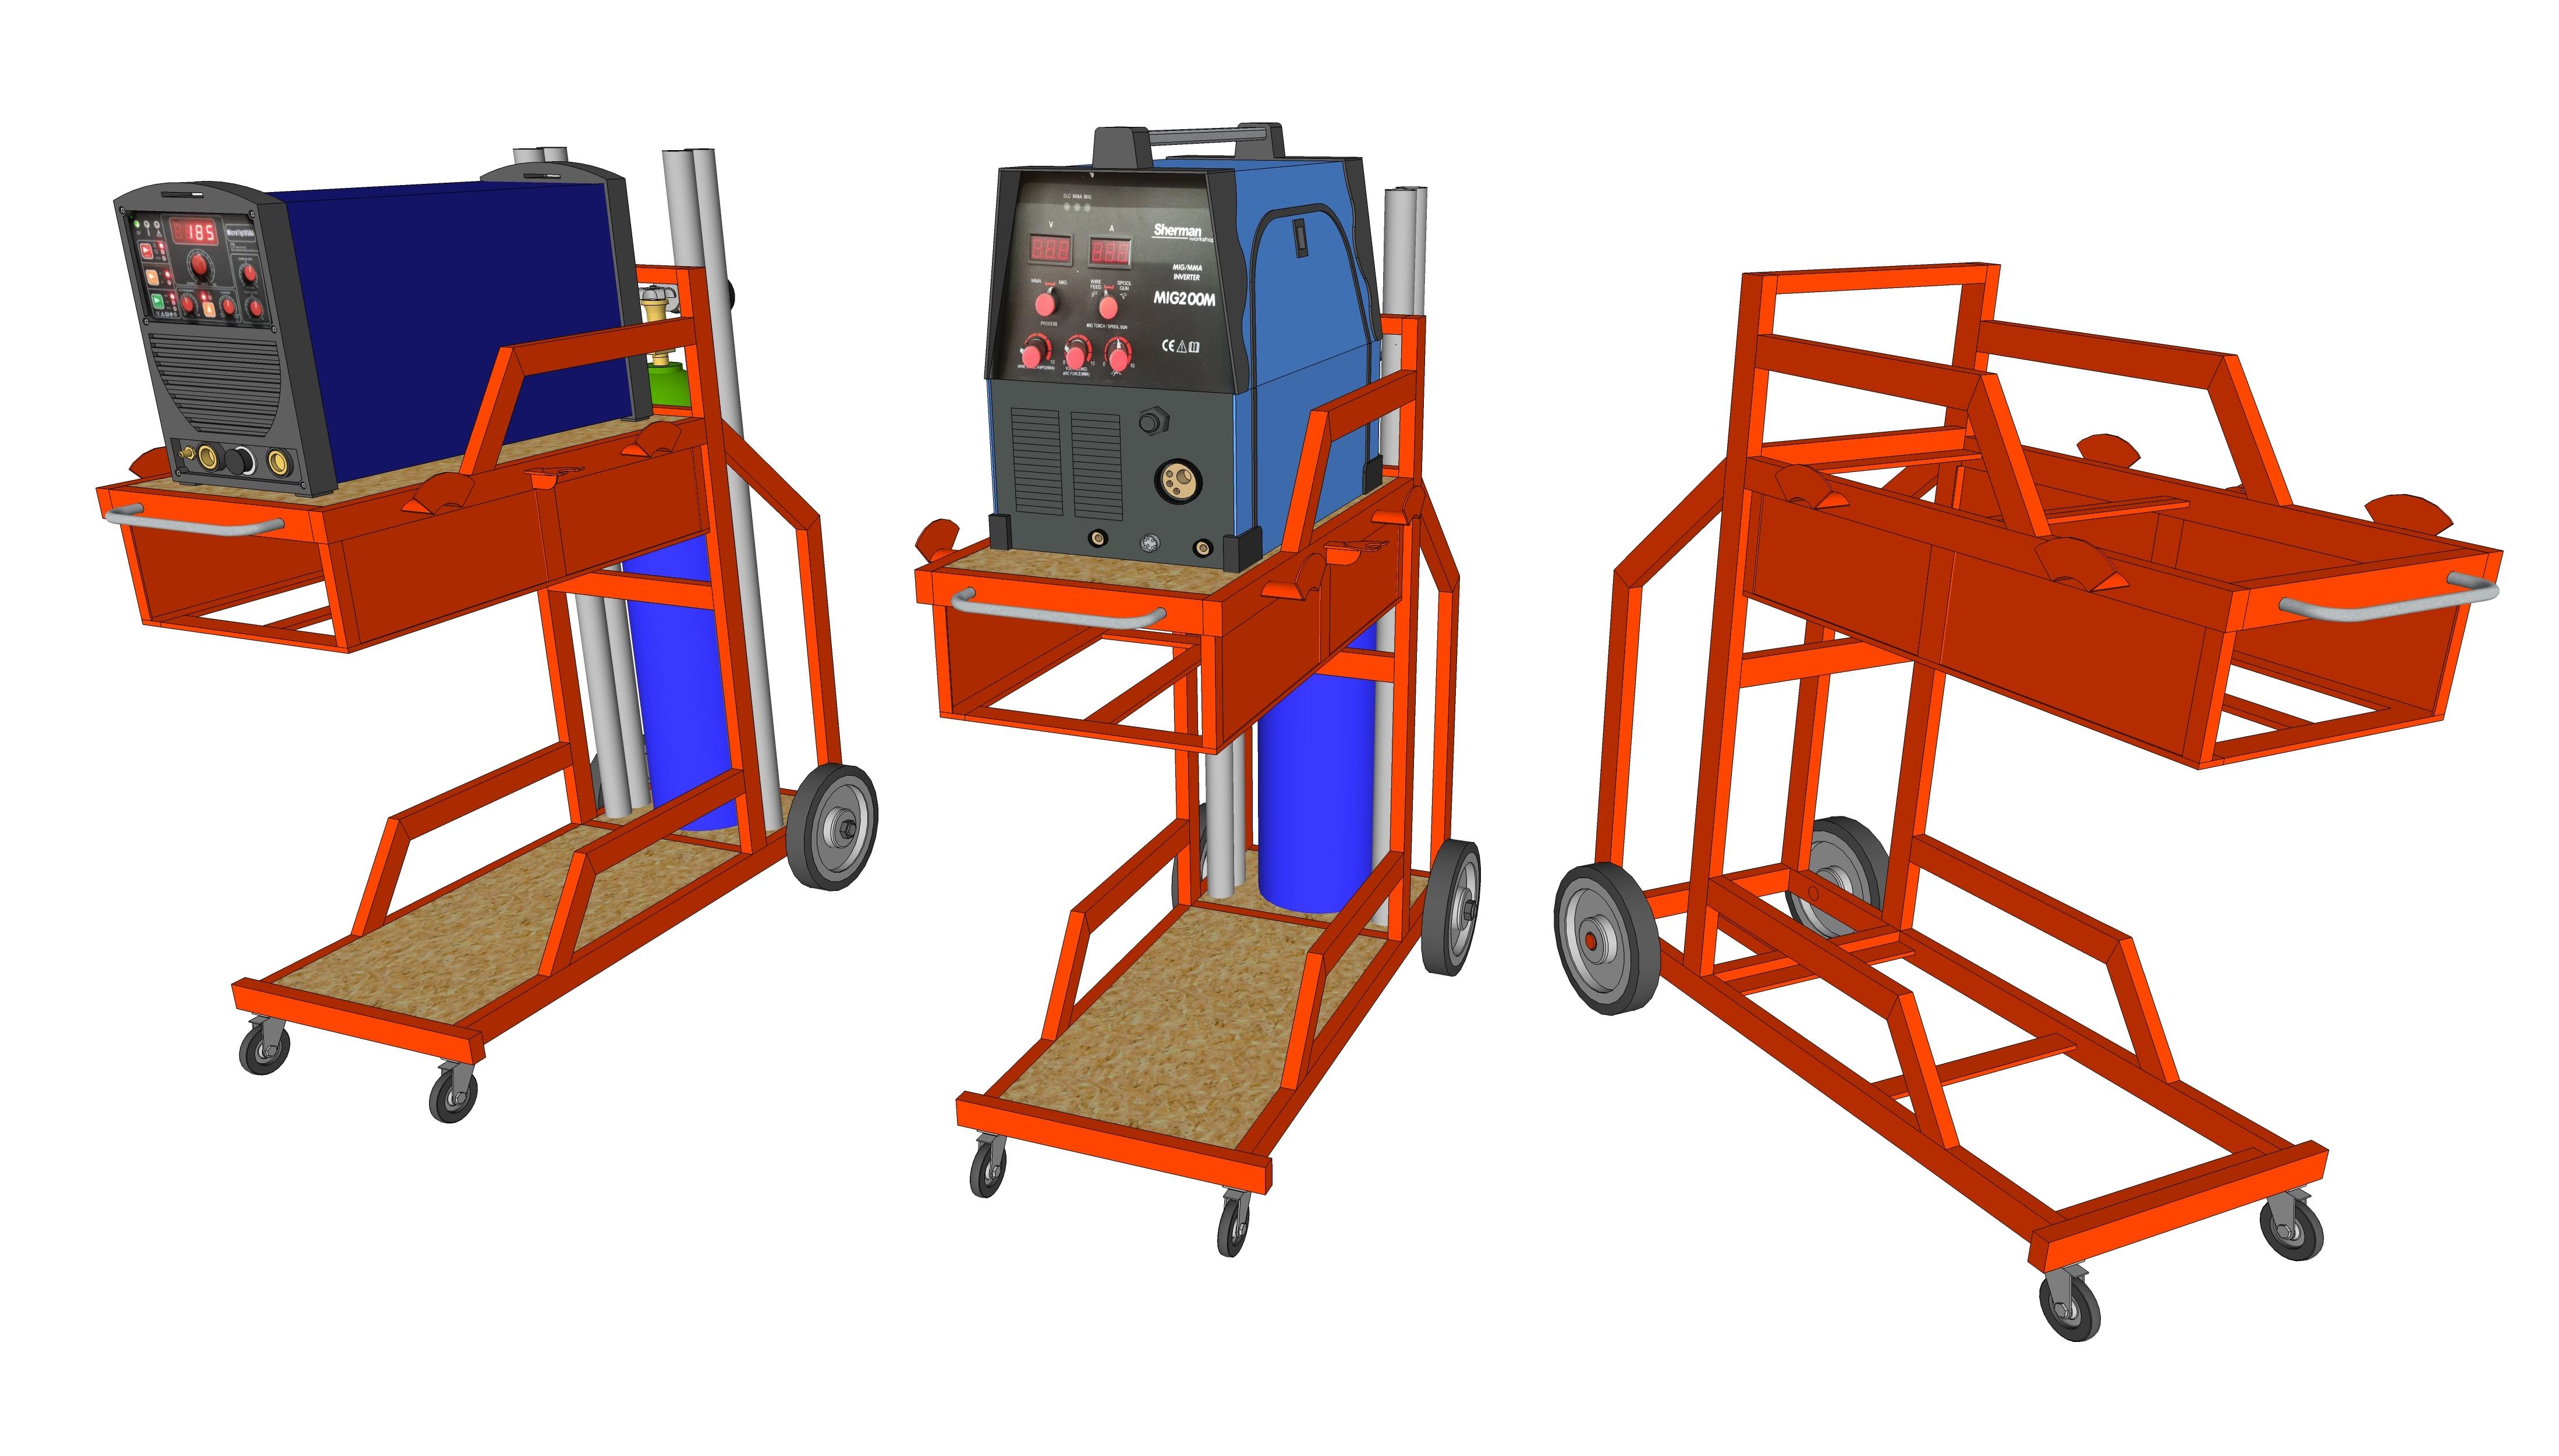 [Terminé] - Fabrication de 2 chariots pour poste à souder Vues_sketchup